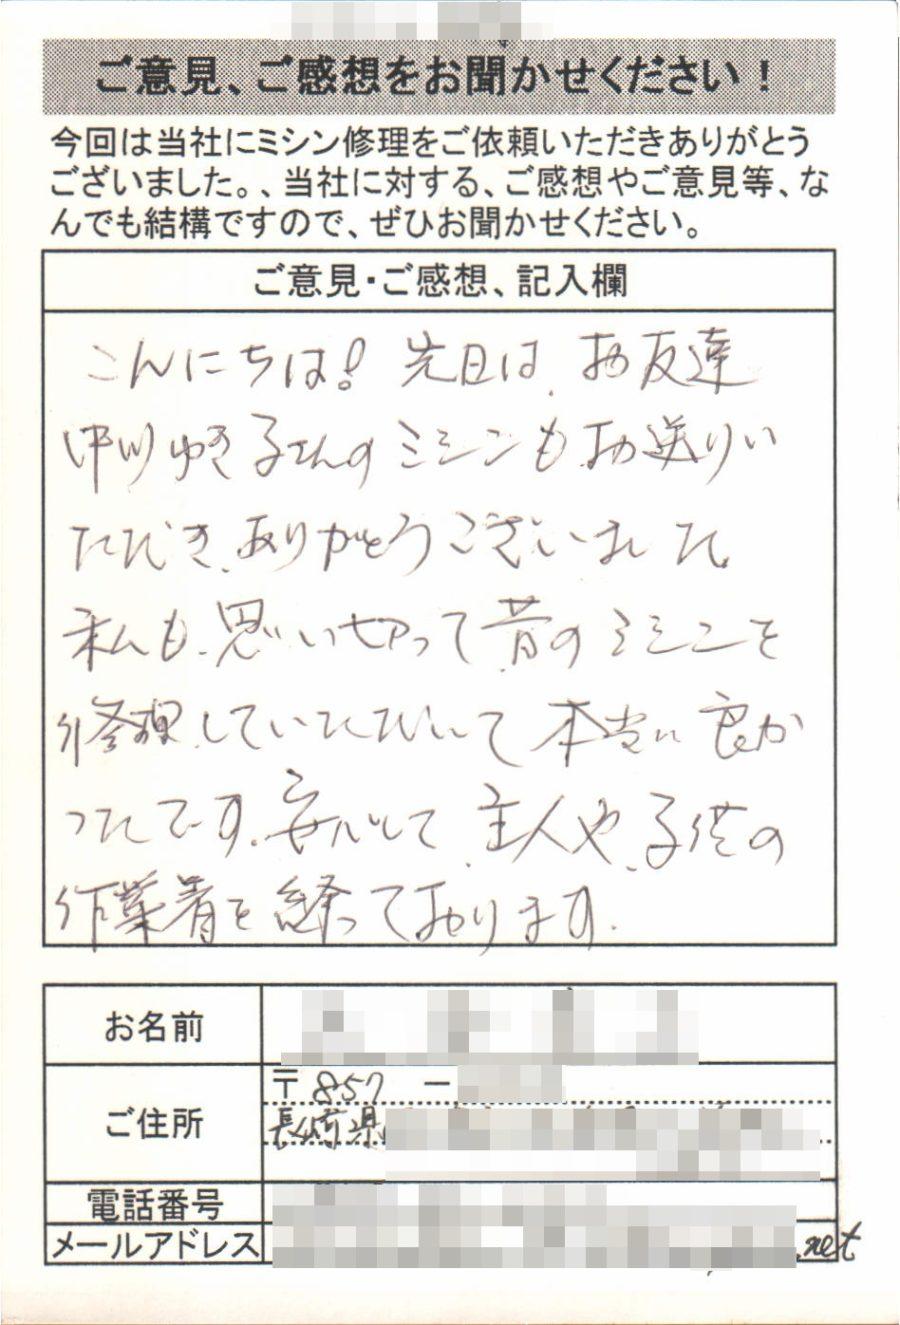 長崎県からミシン修理のお客様の声